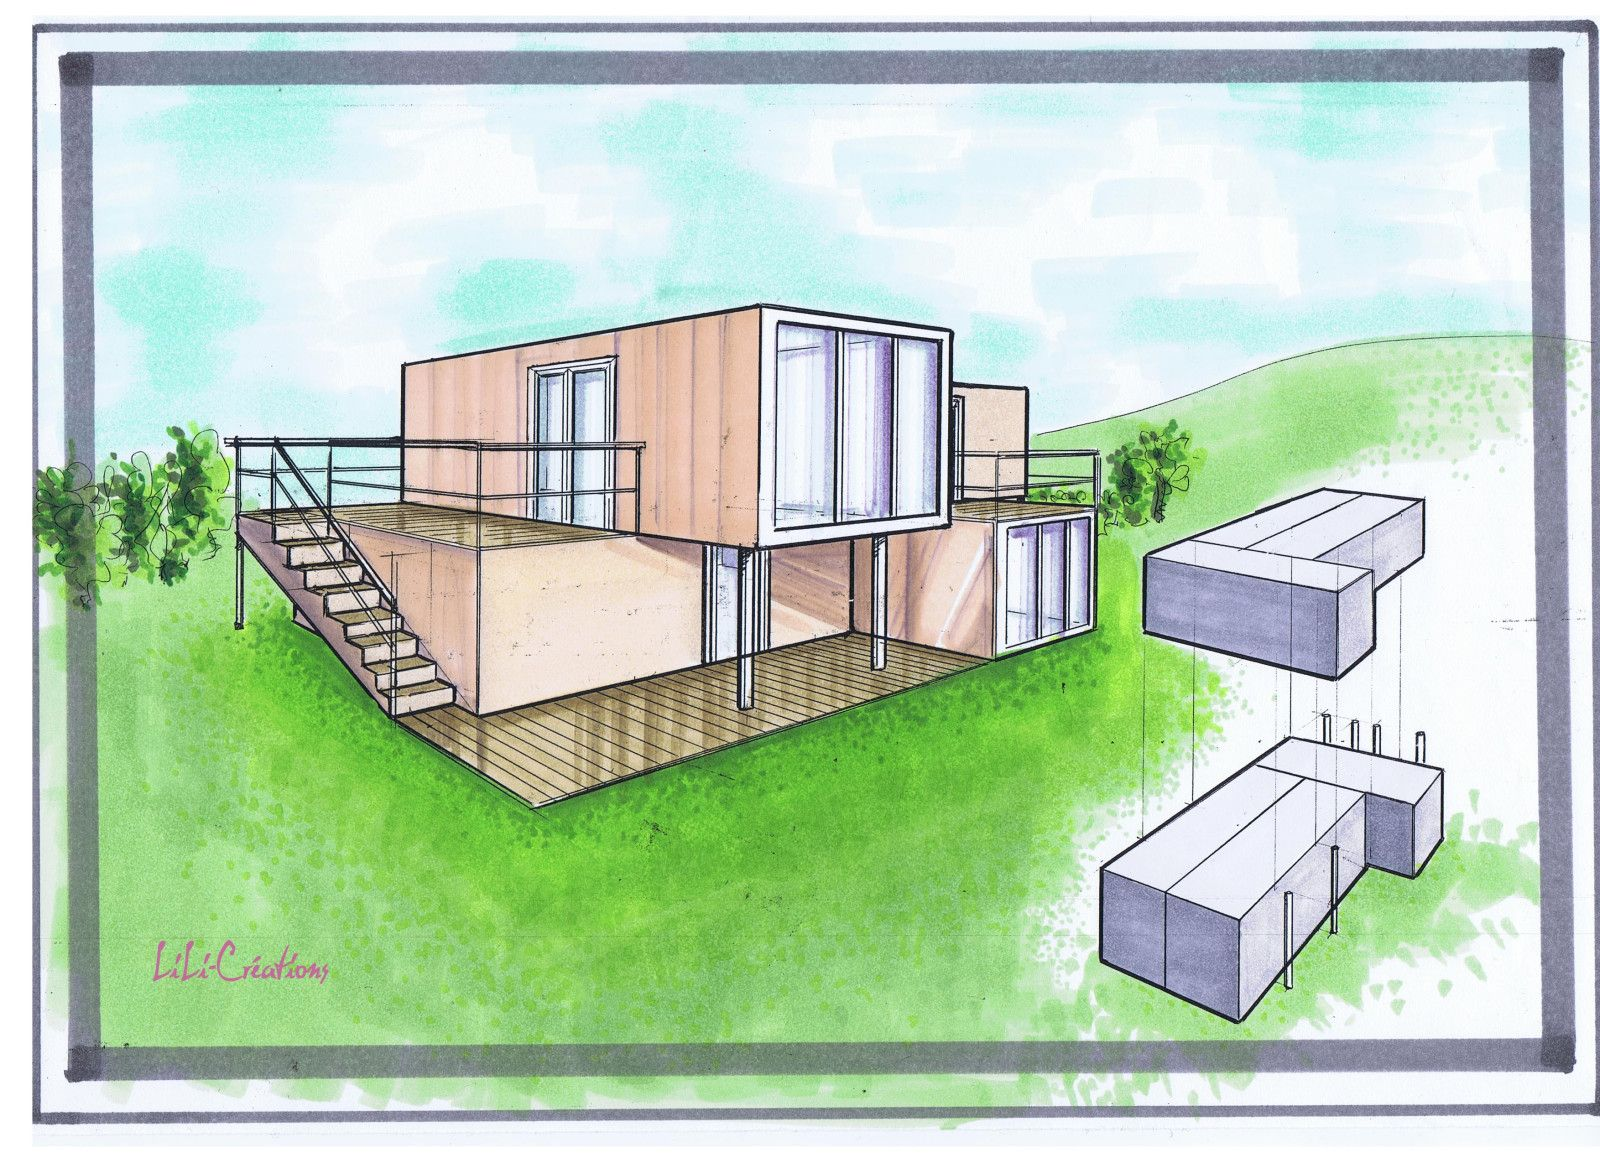 maison conteneur recherche google maison conteneur. Black Bedroom Furniture Sets. Home Design Ideas